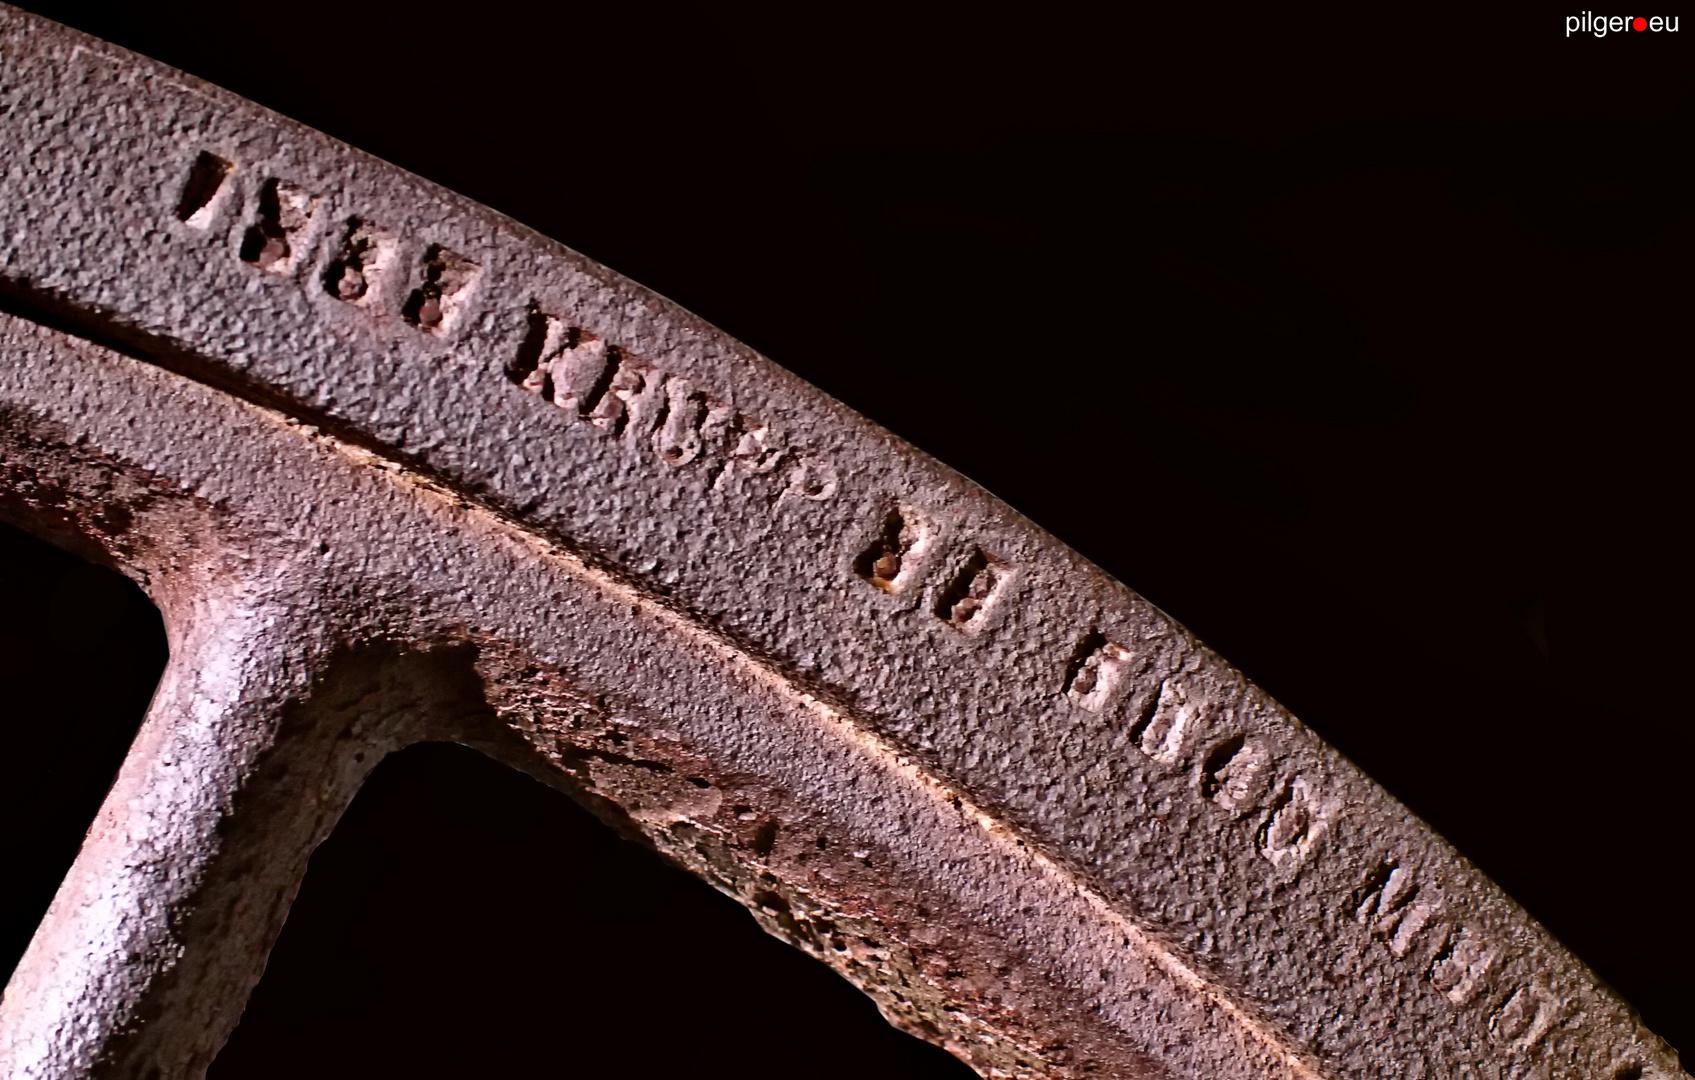 Krupp - der Rost nagt am Mythos